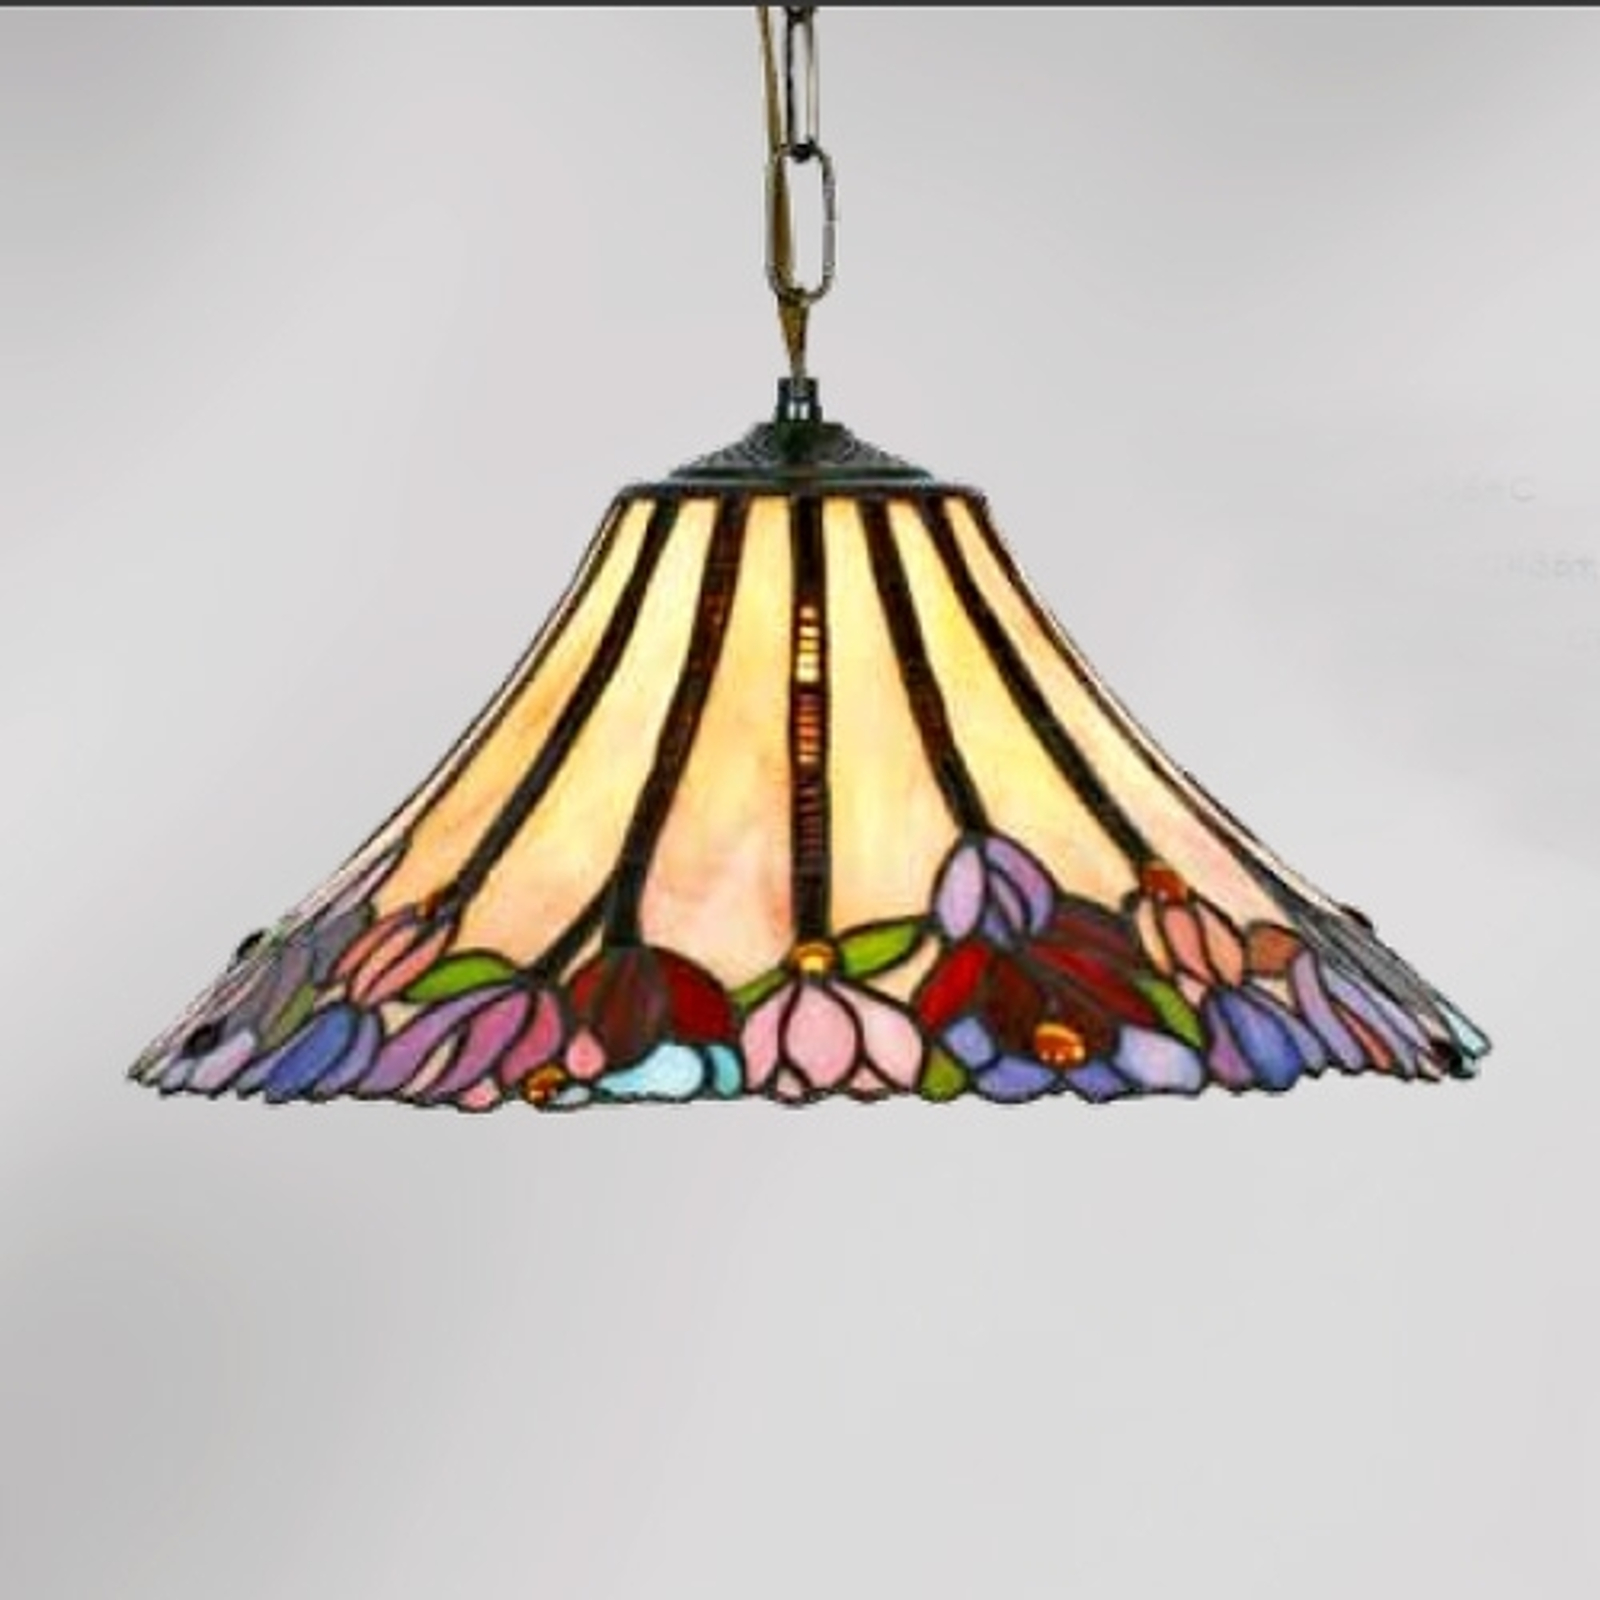 TORI - flot pendellampe i Tiffany stil, 1 lyskilde